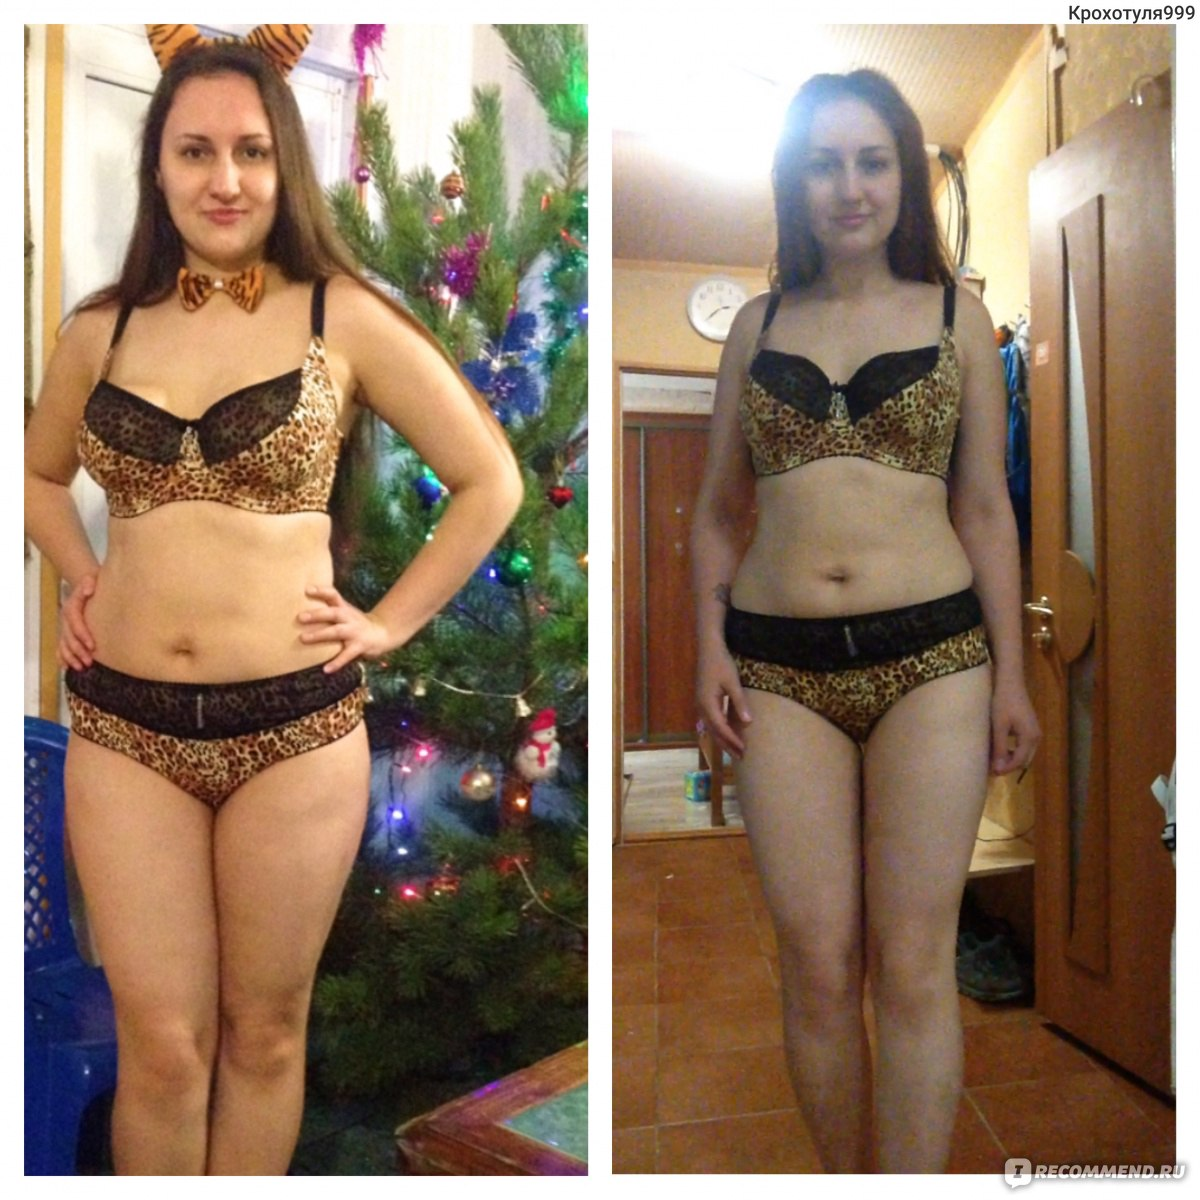 Результаты Похудения На Пп Фото. «До и После» похудения: 30 впечатляющих фото